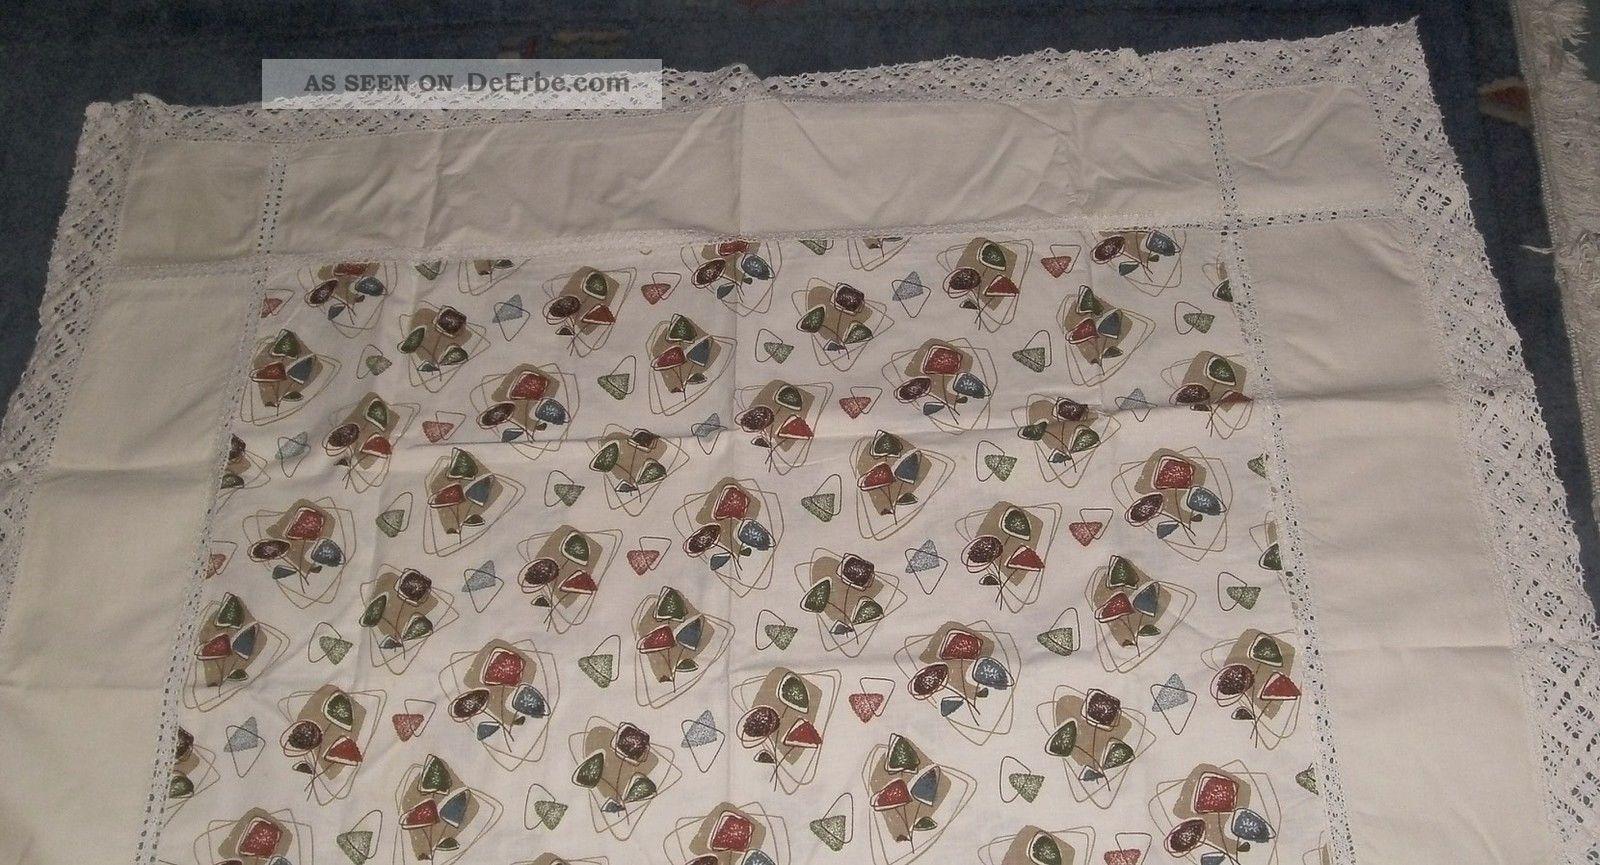 bunte tischdecke mit spitze 140 x 114cm baumwolle 50 60 iger jahre chabby chic. Black Bedroom Furniture Sets. Home Design Ideas